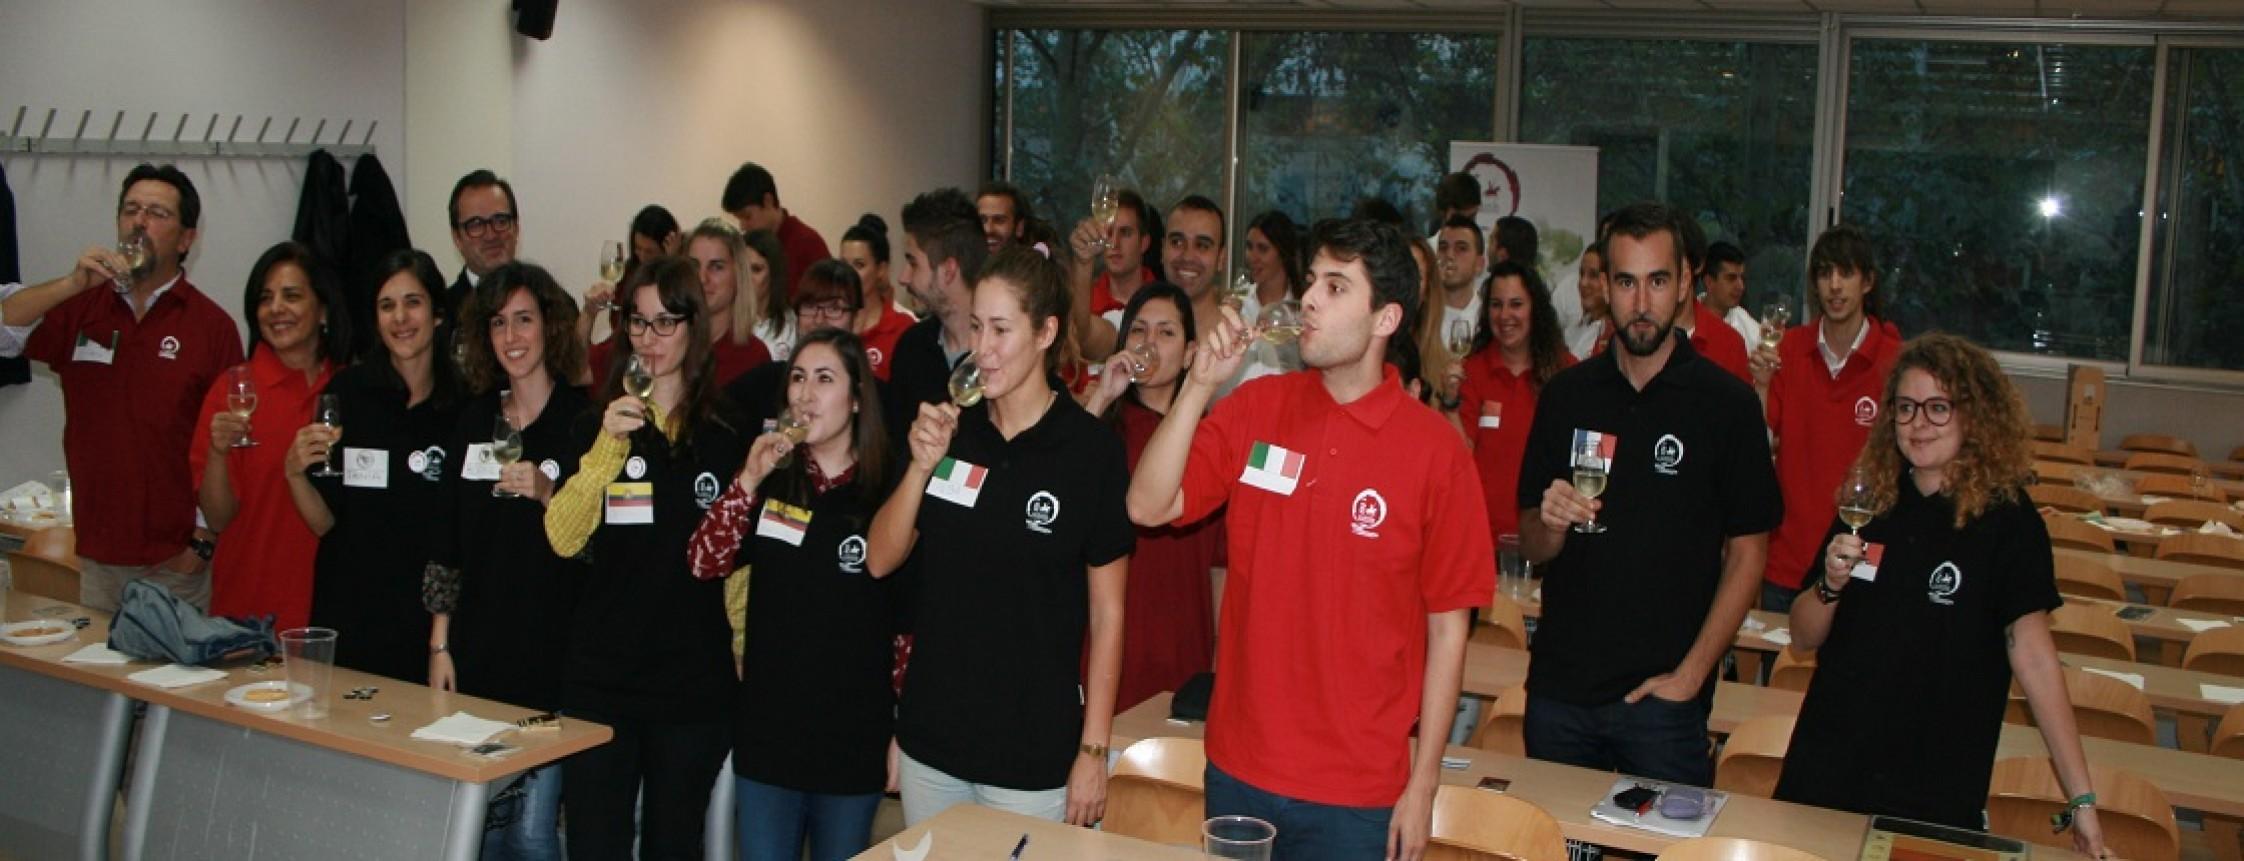 I Jornada de Difusión de la Cultura del Vino en la UCM con excelente participación.